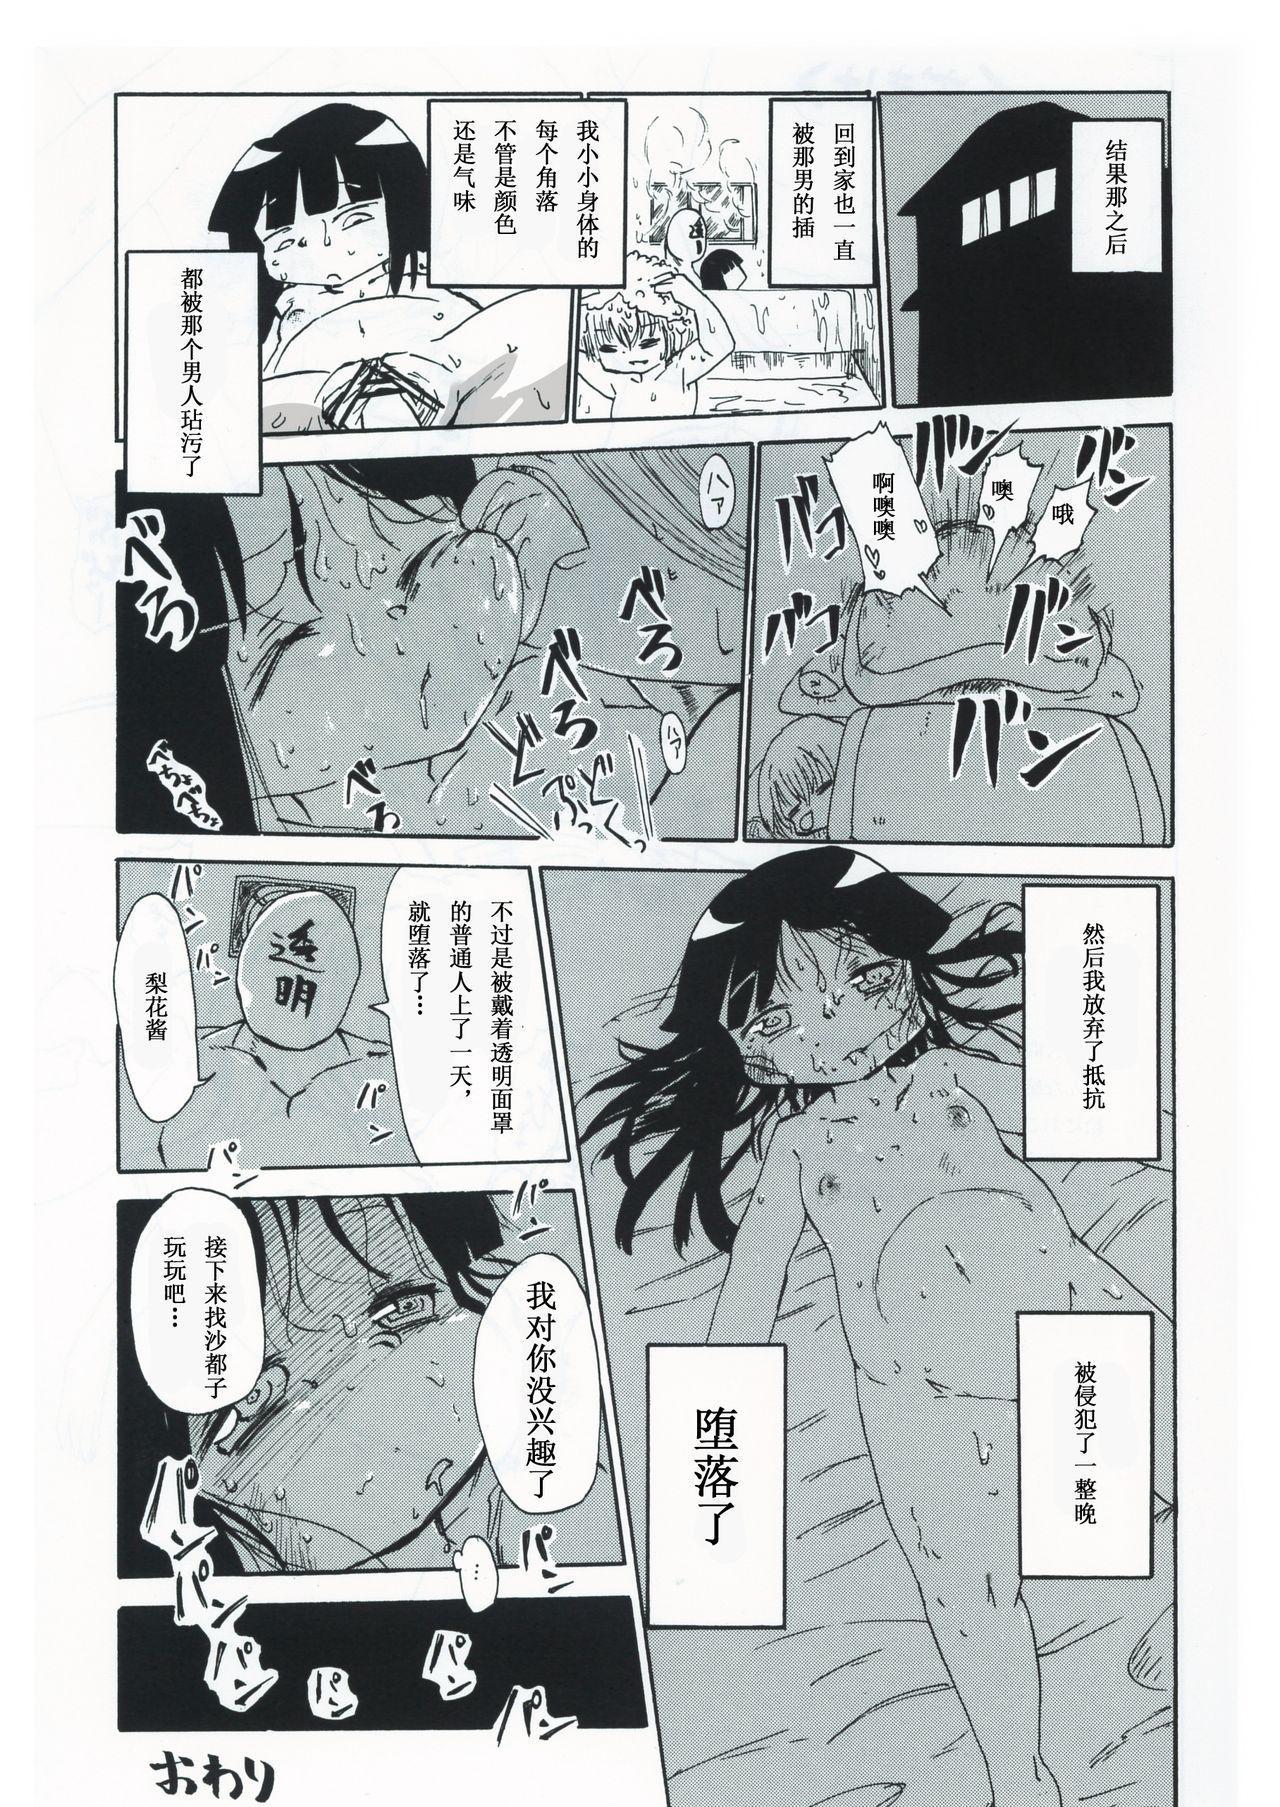 Kiki Kaikai! | 奇奇怪怪 32